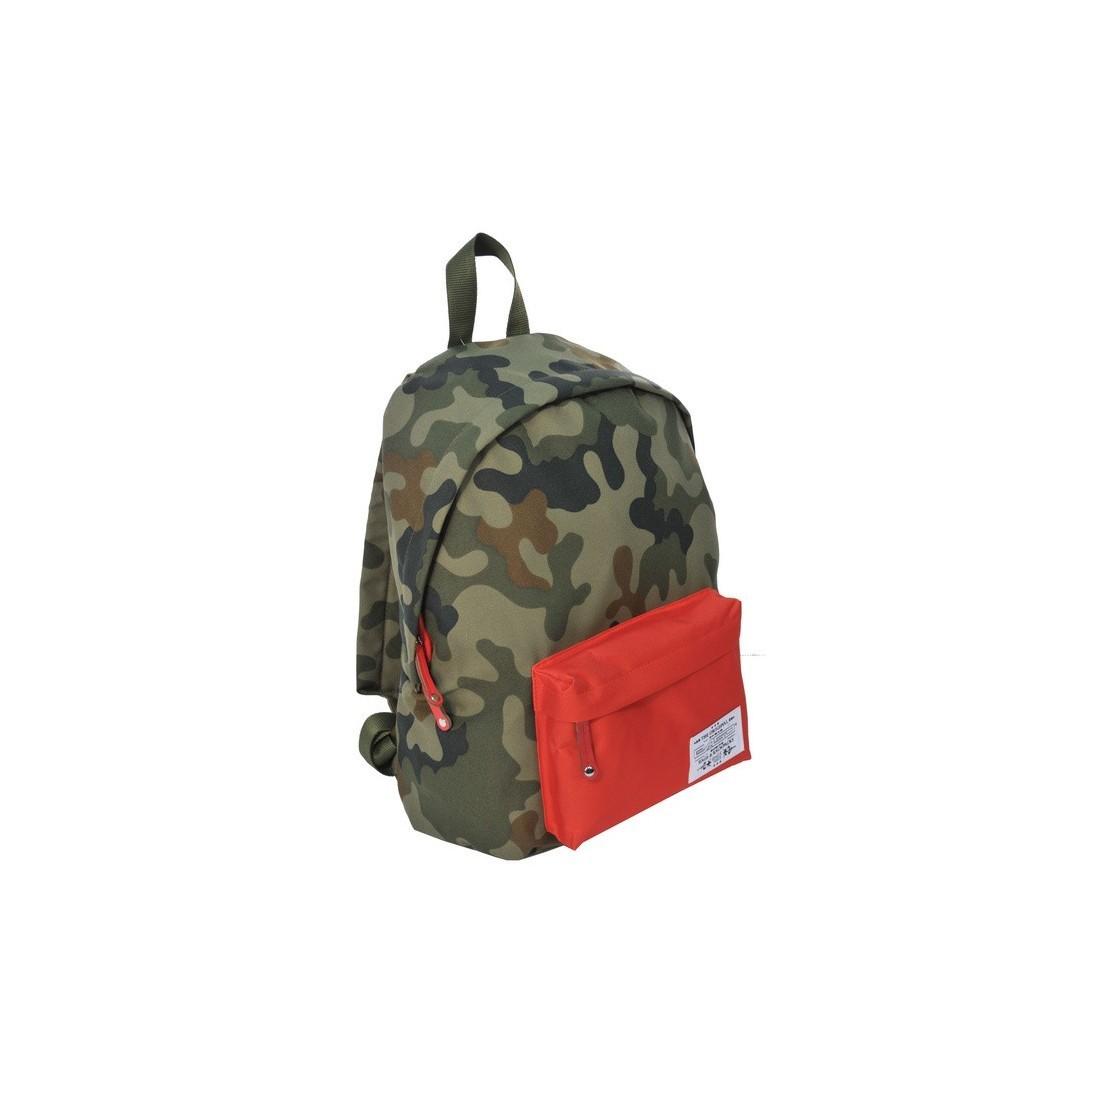 Plecak młodzieżowy Ciemne Moro pomarańczowy